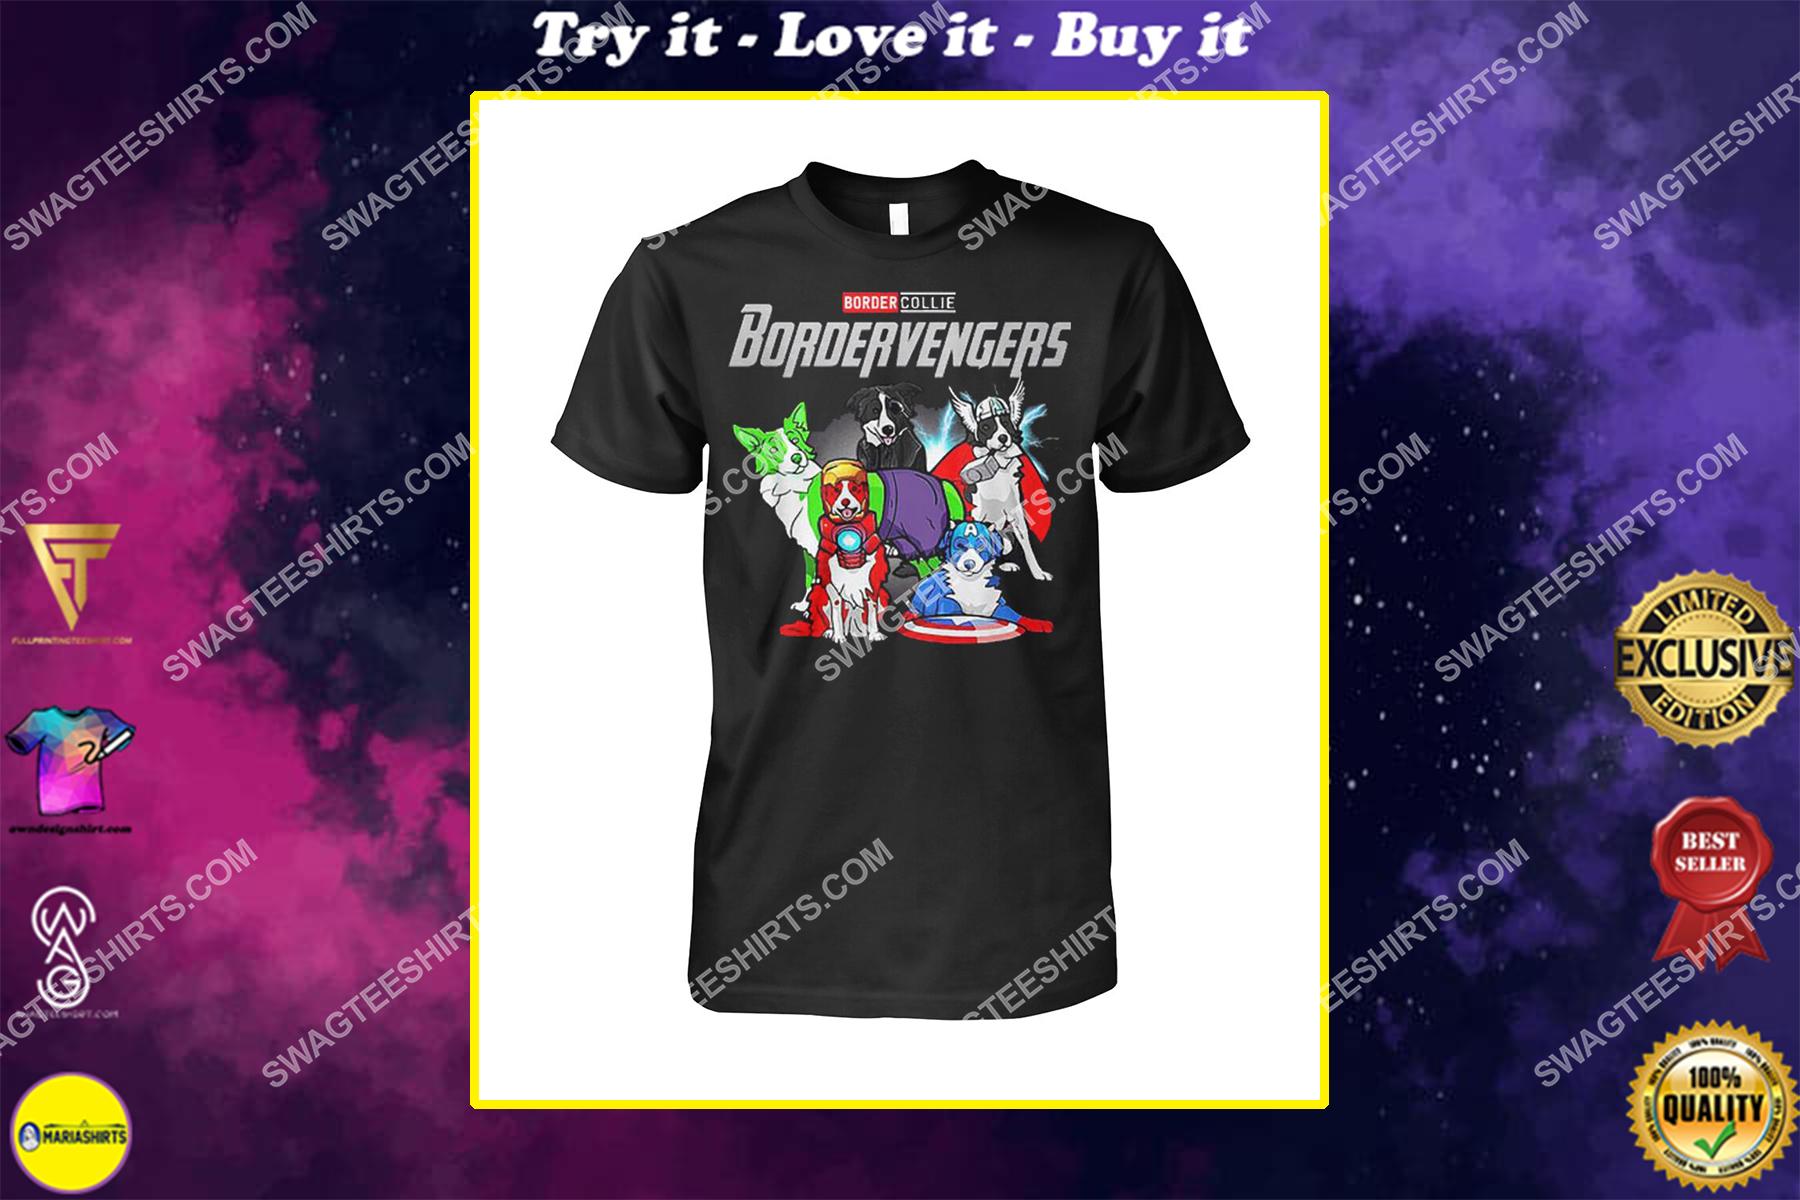 border collie bordervengers marvel avengers dogs lover shirt